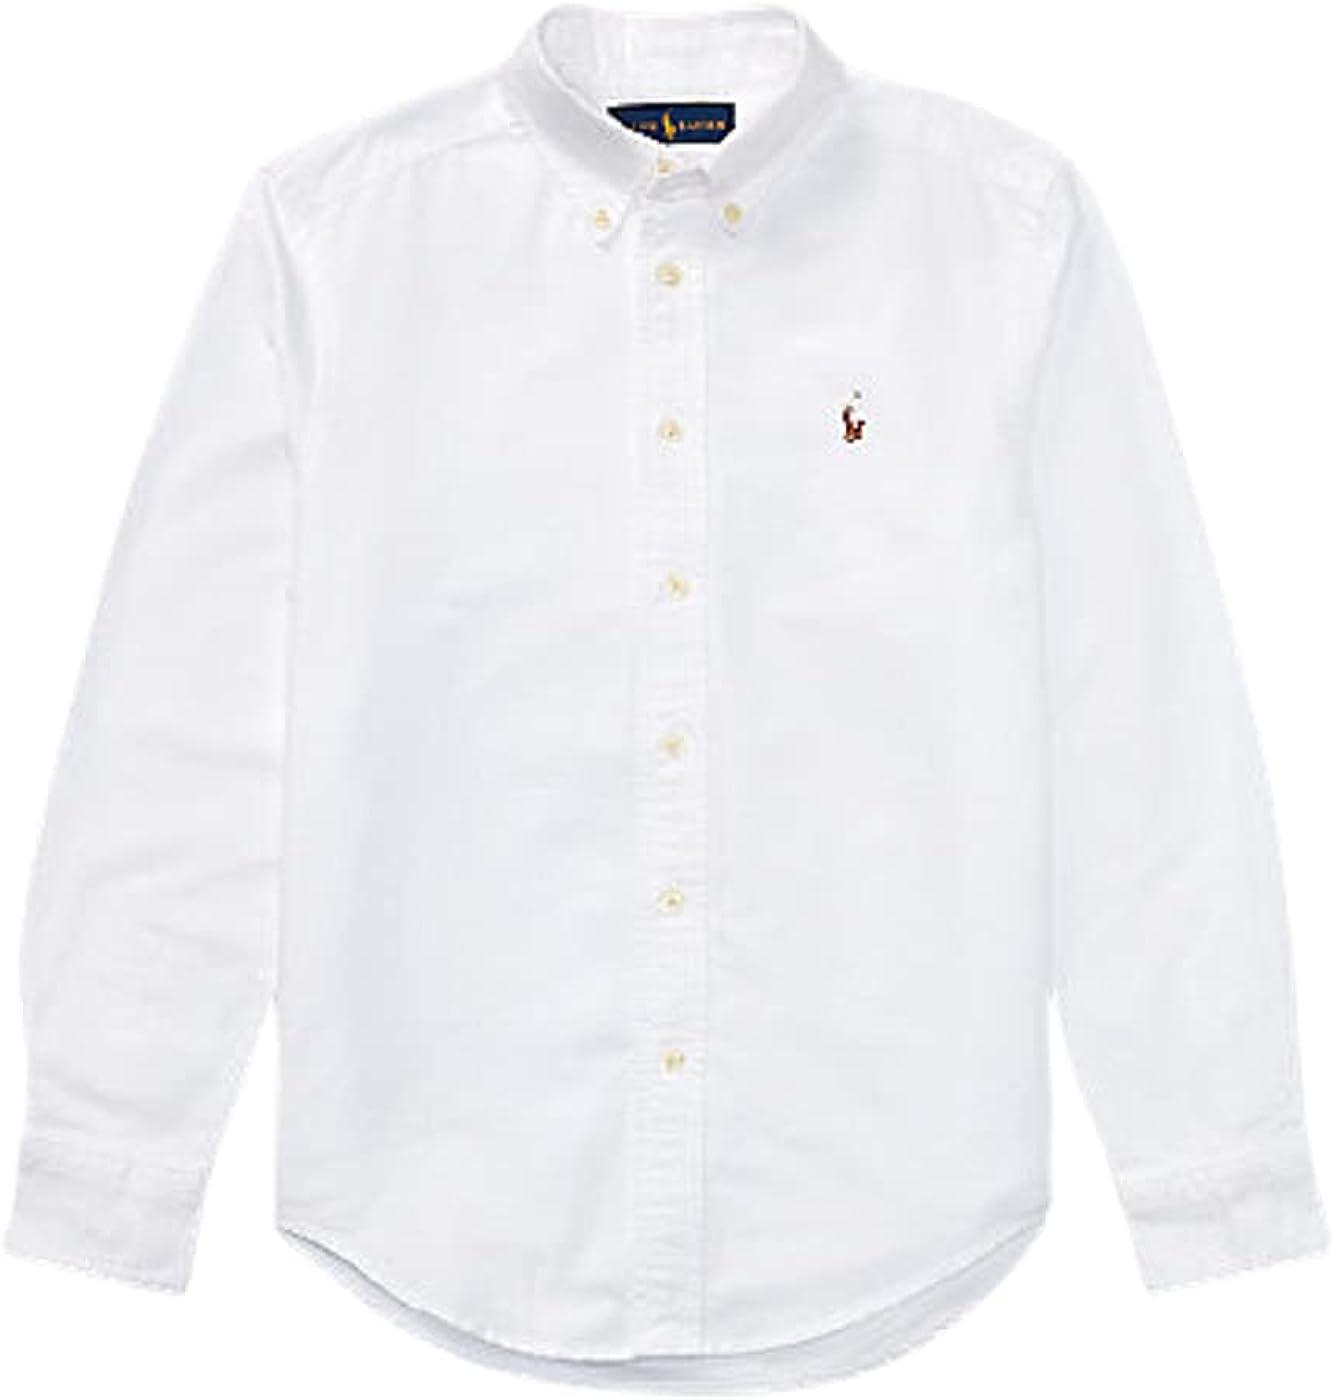 Ralph Lauren White Boy's Long Sleeve Cotton-Blend Shirt, US 4T